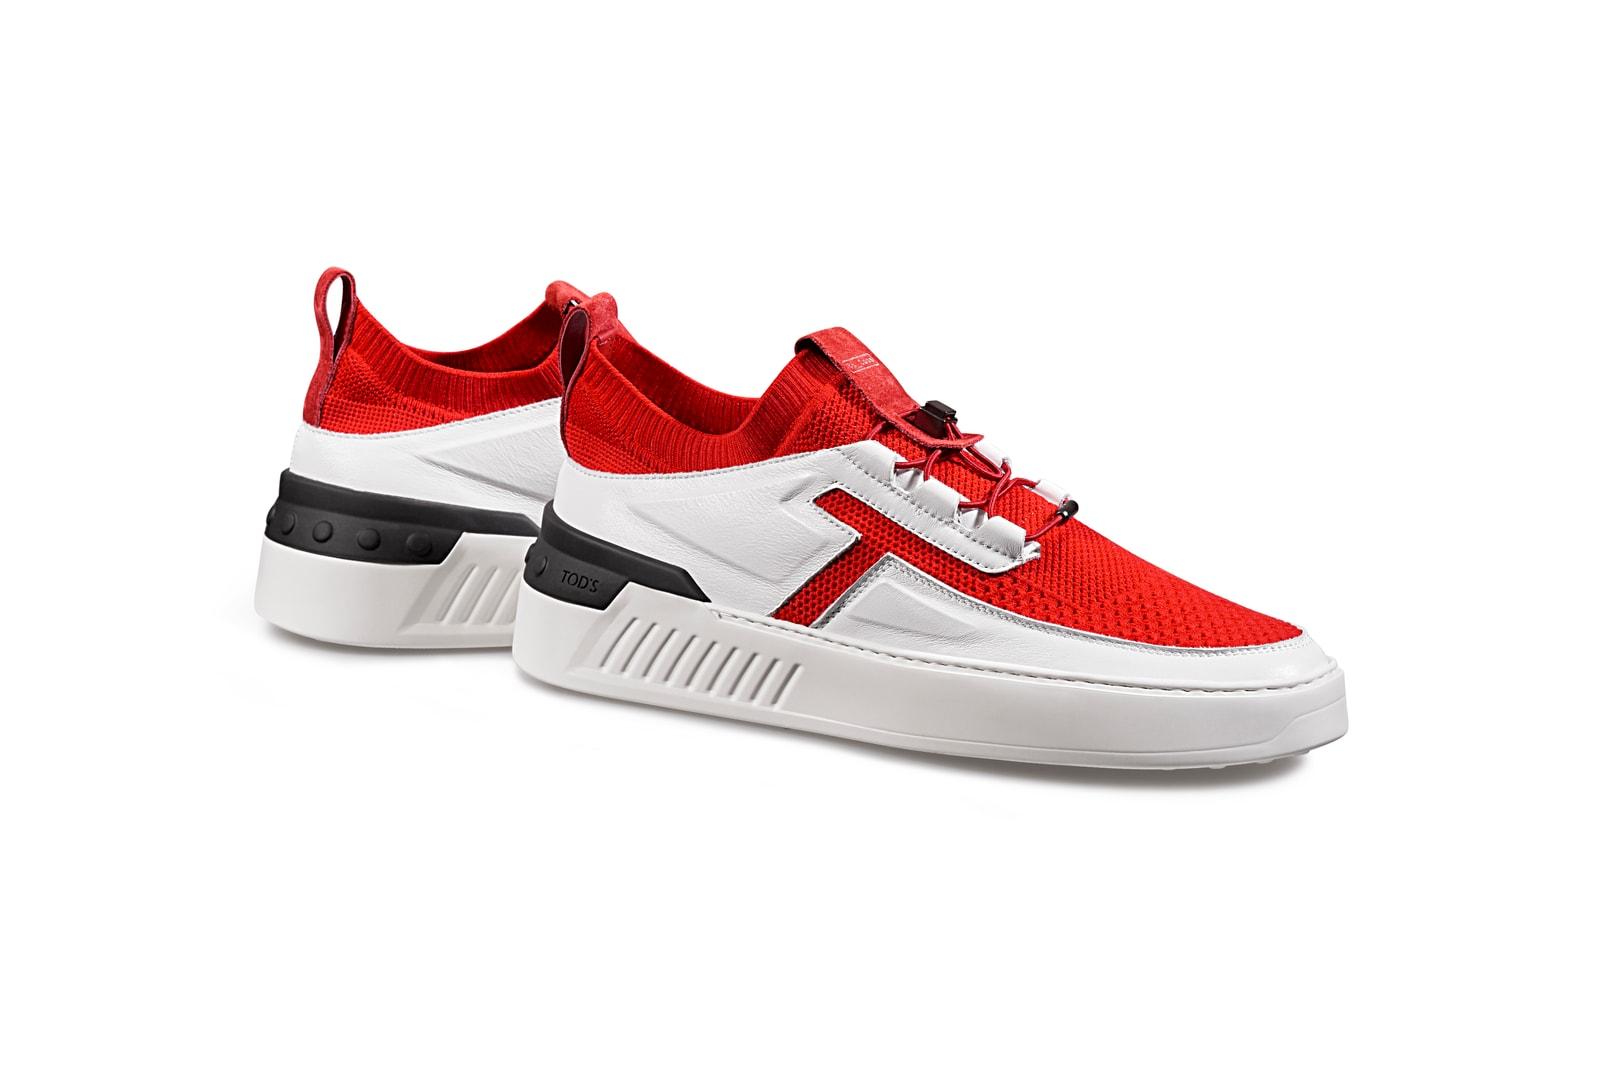 混合鞋履概念-TOD'S 全新 No_Code X 鞋款系列